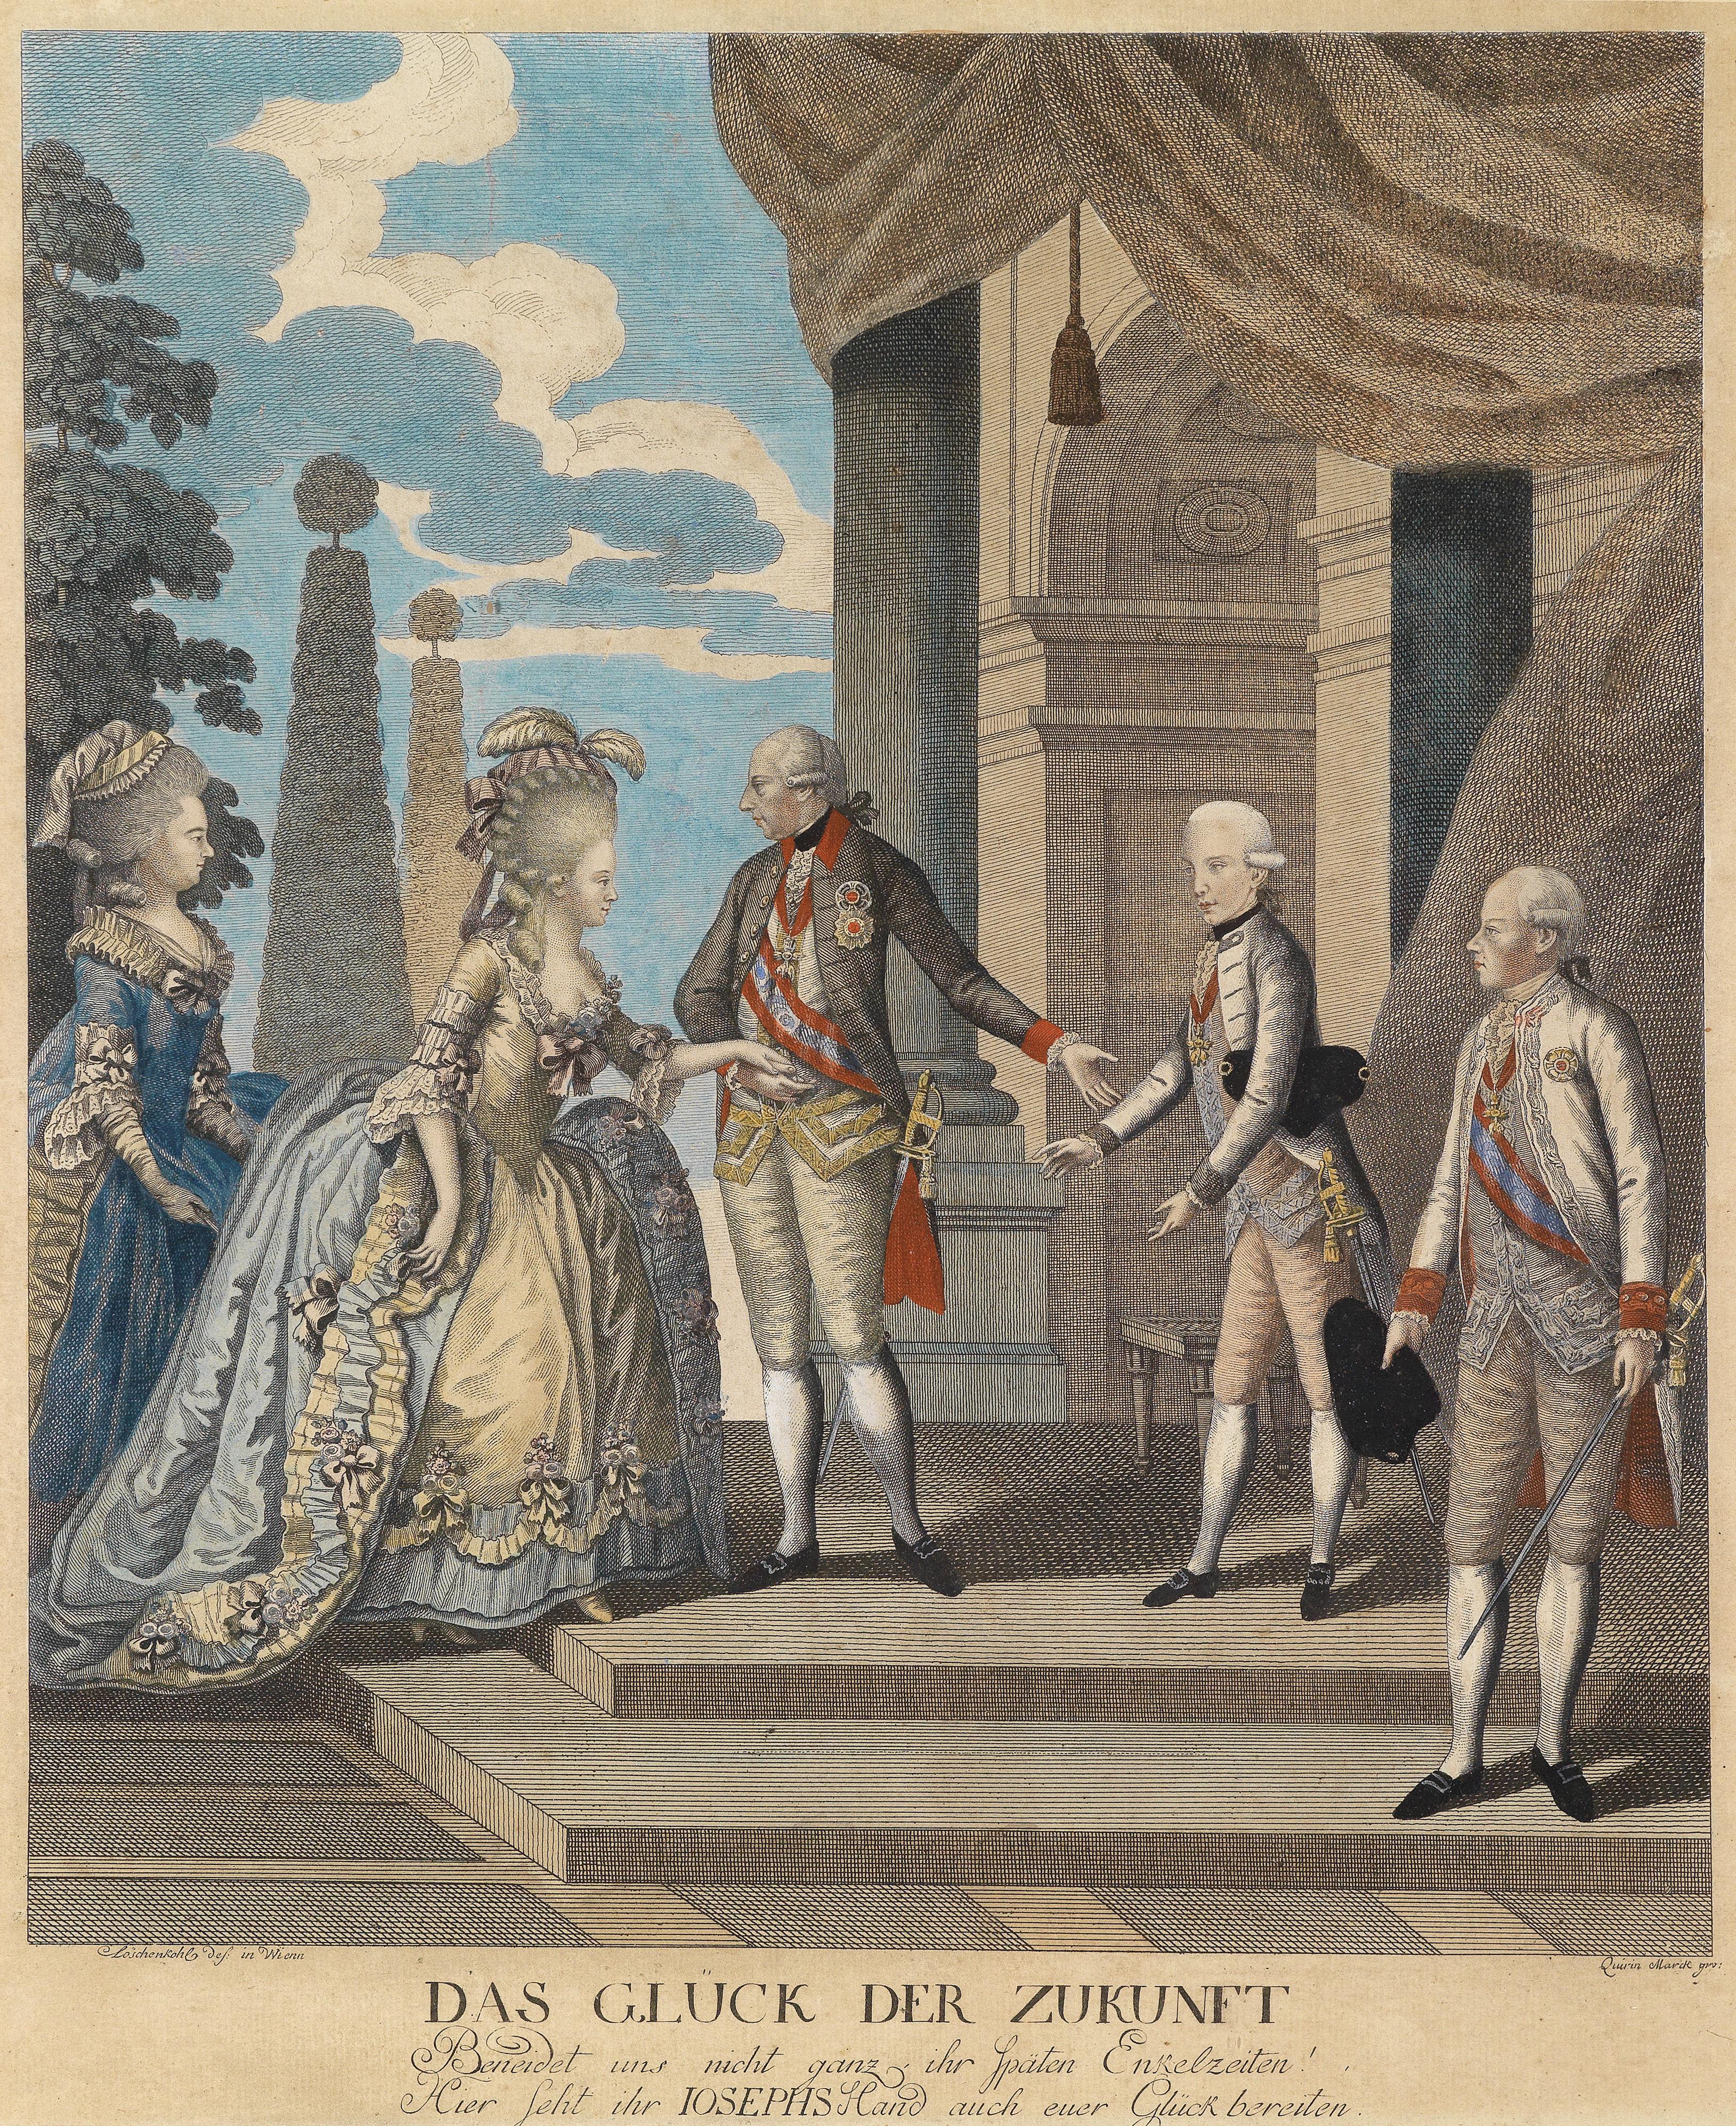 1788 Joseph II mit Franz und Elisabeth Wilhelmine von Württemberg by Quirin  Marck after Hieronymus Löschenkohl